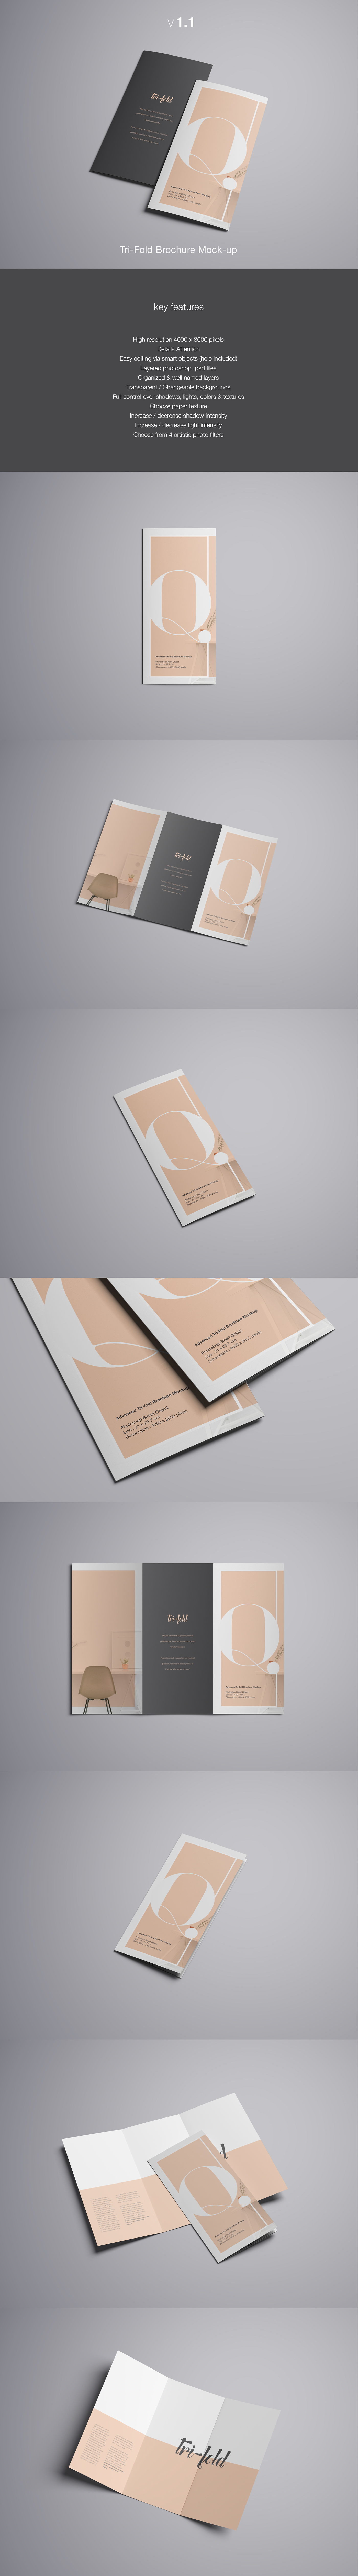 a4 brochure tri-fold trifold bifold Bi-fold template Mockup free psd freebie